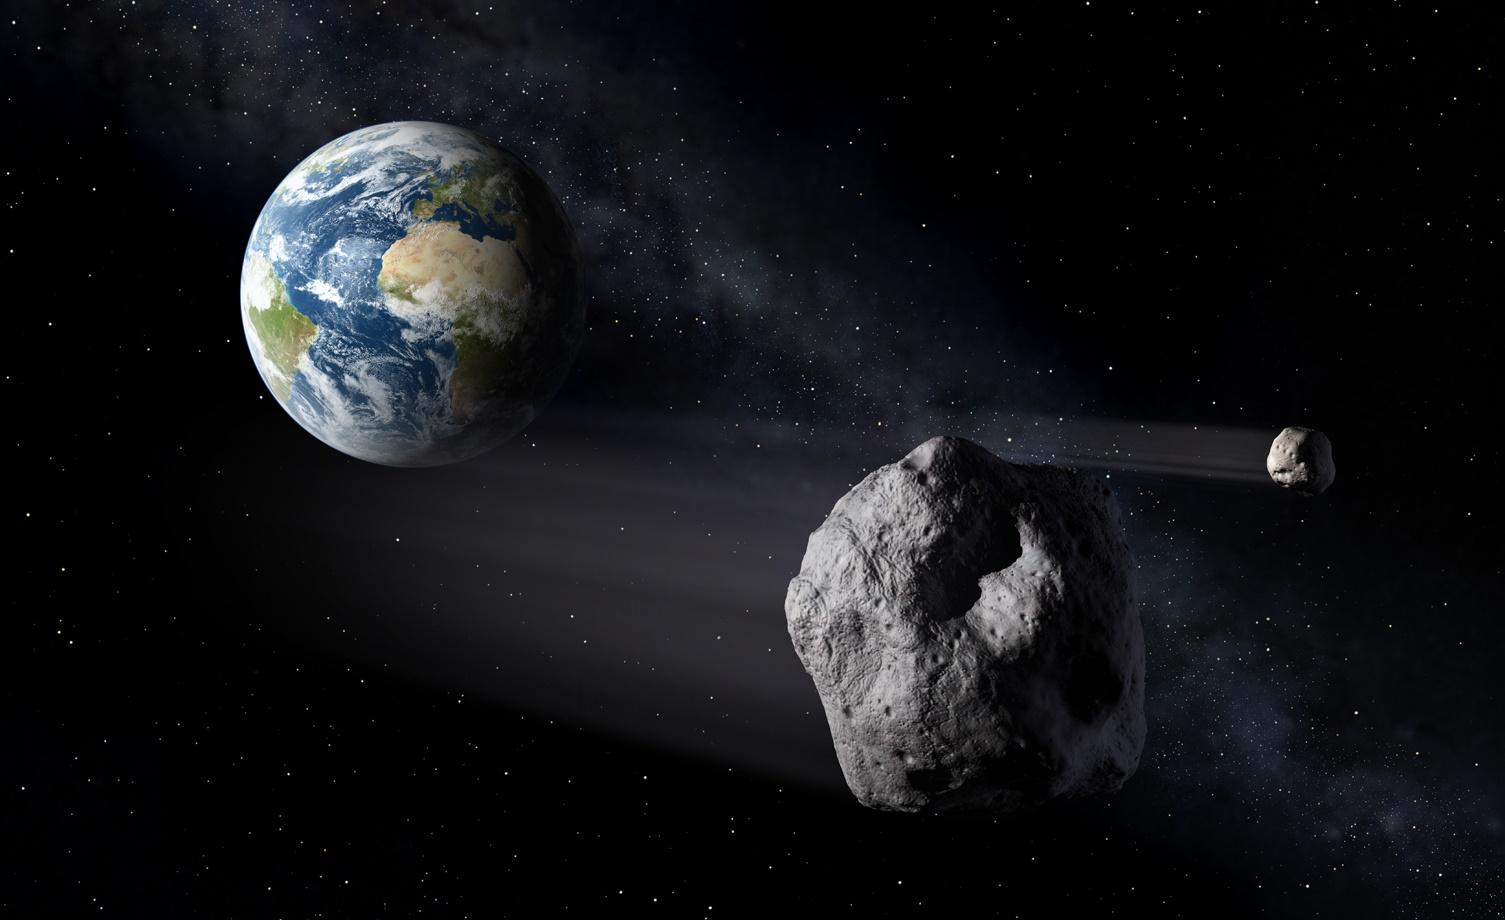 L'asteroide chiamato Torino e i suoi compagni celesti